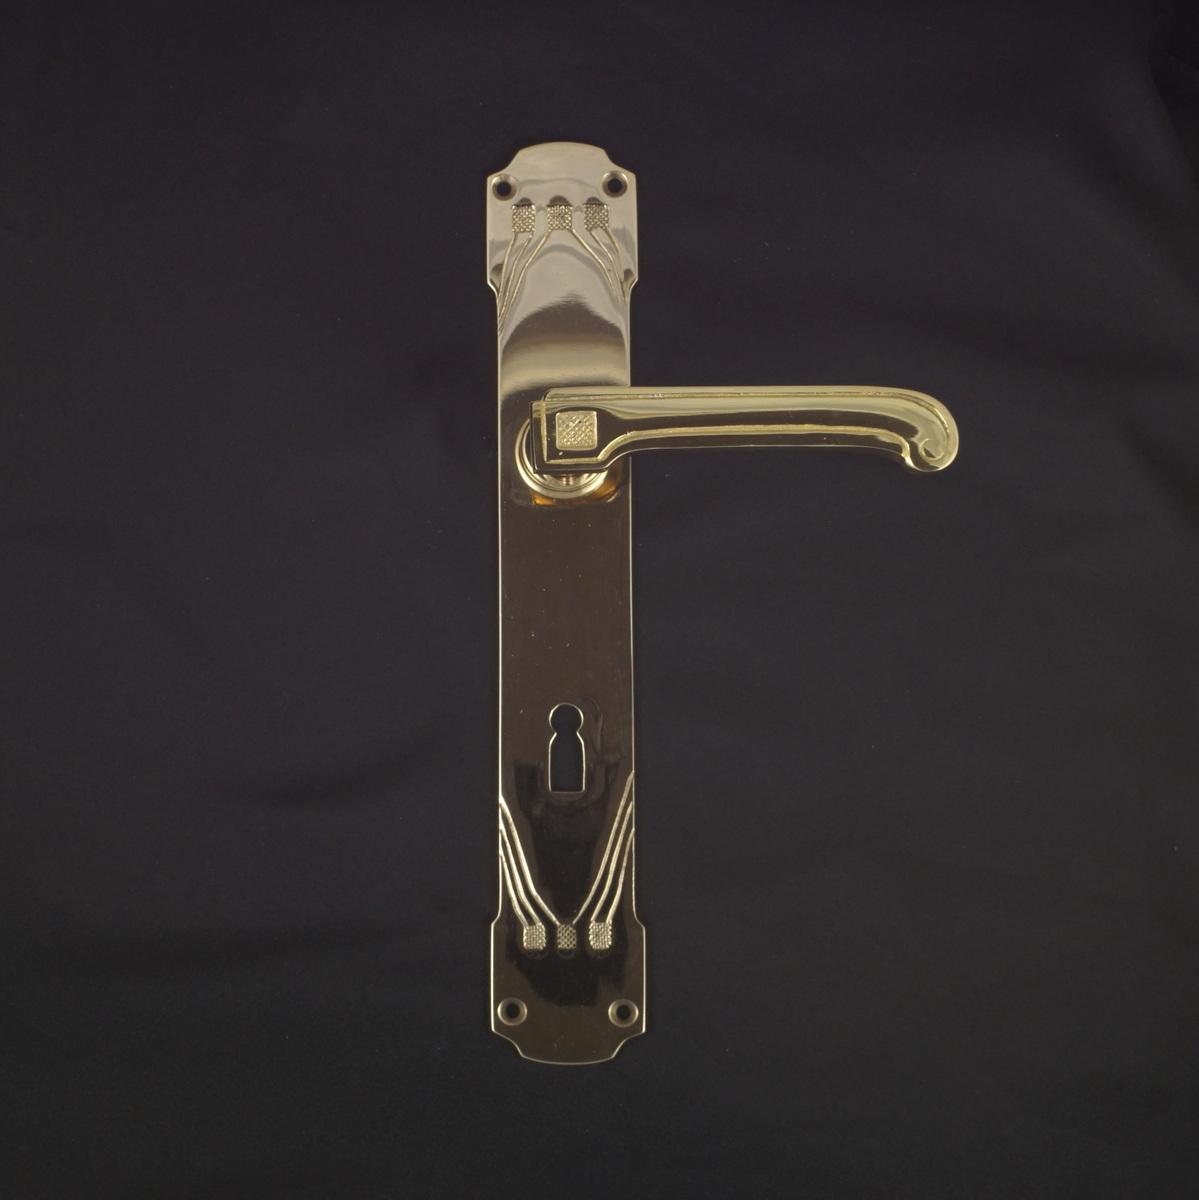 322.0049.35 Zimmertür Langschildgarnitur - antike Türdrücker, Türklinken, Türbeschläge